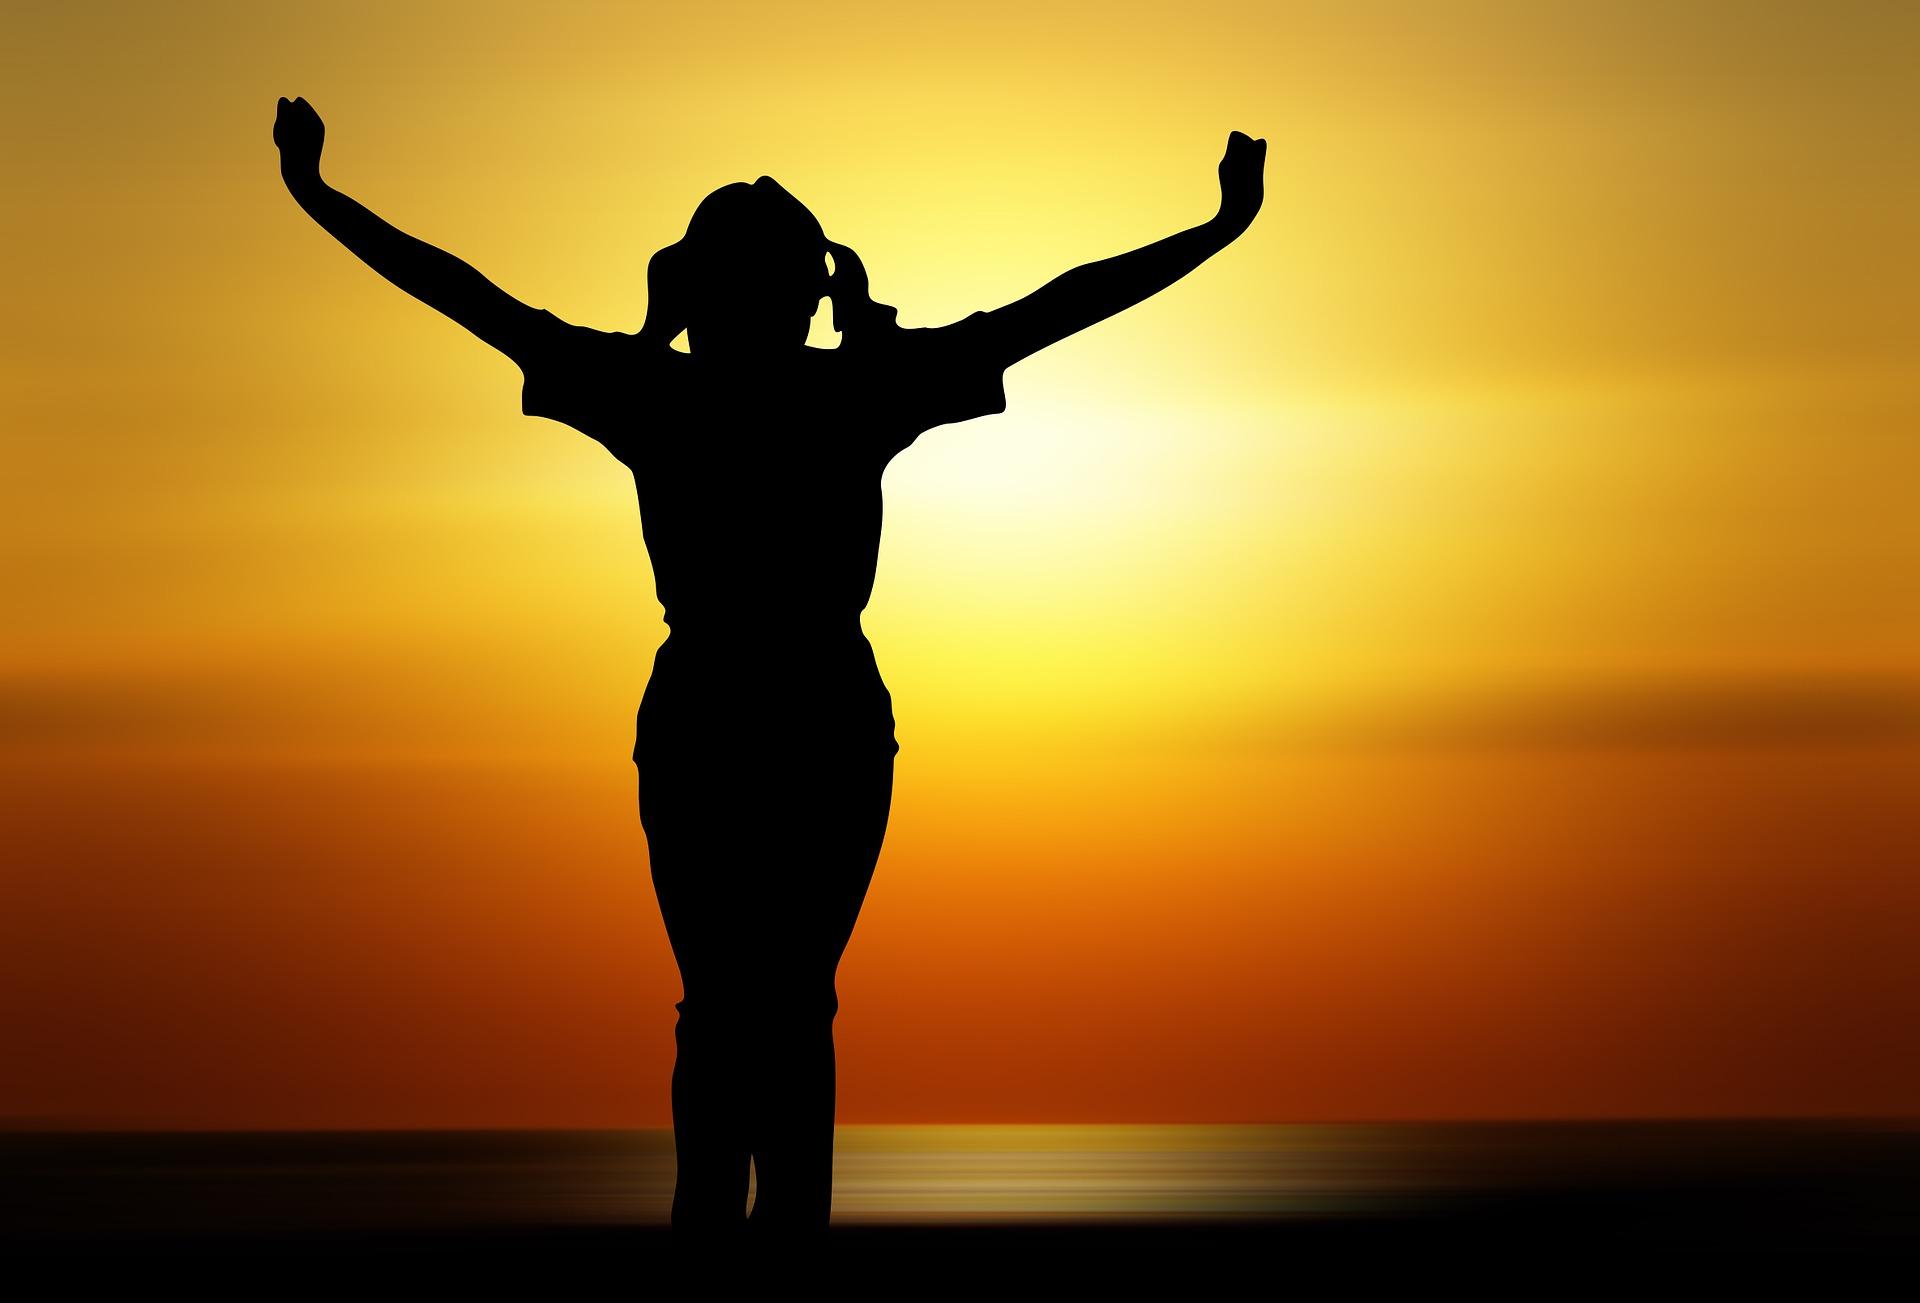 Høj Højere Person Glæde solnedgang smukt